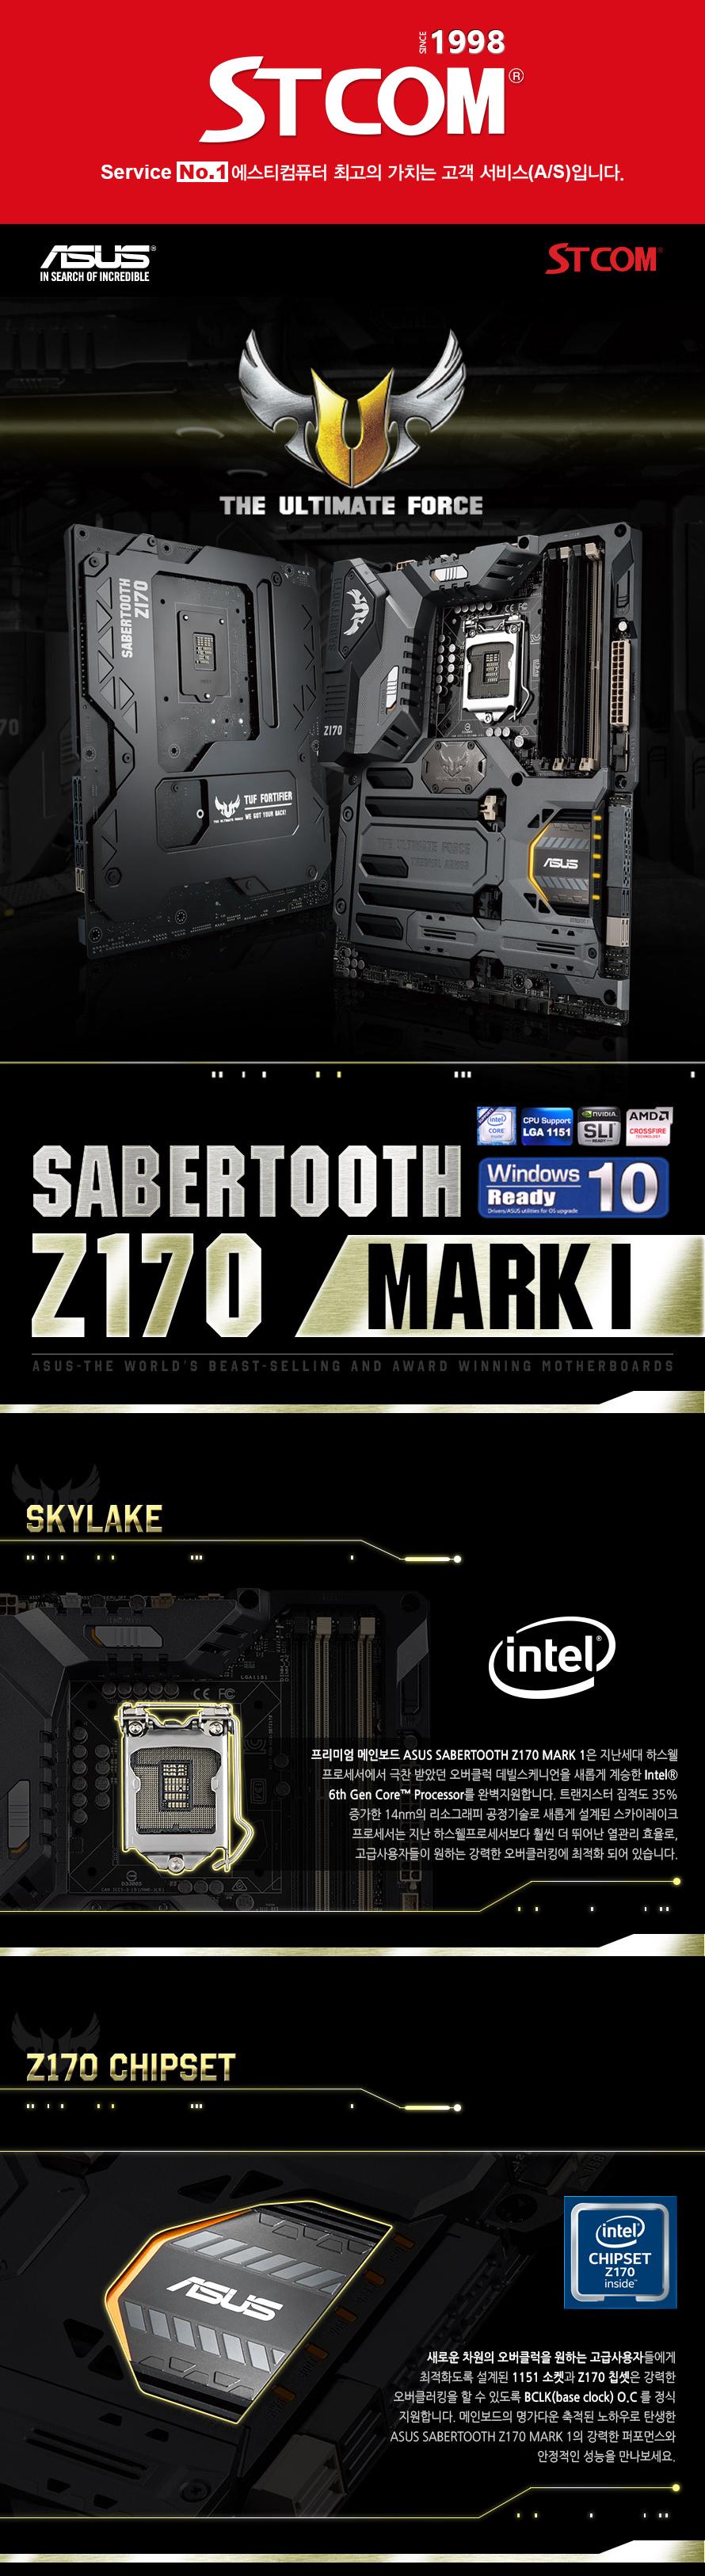 sabertoothz170mark1-0_01